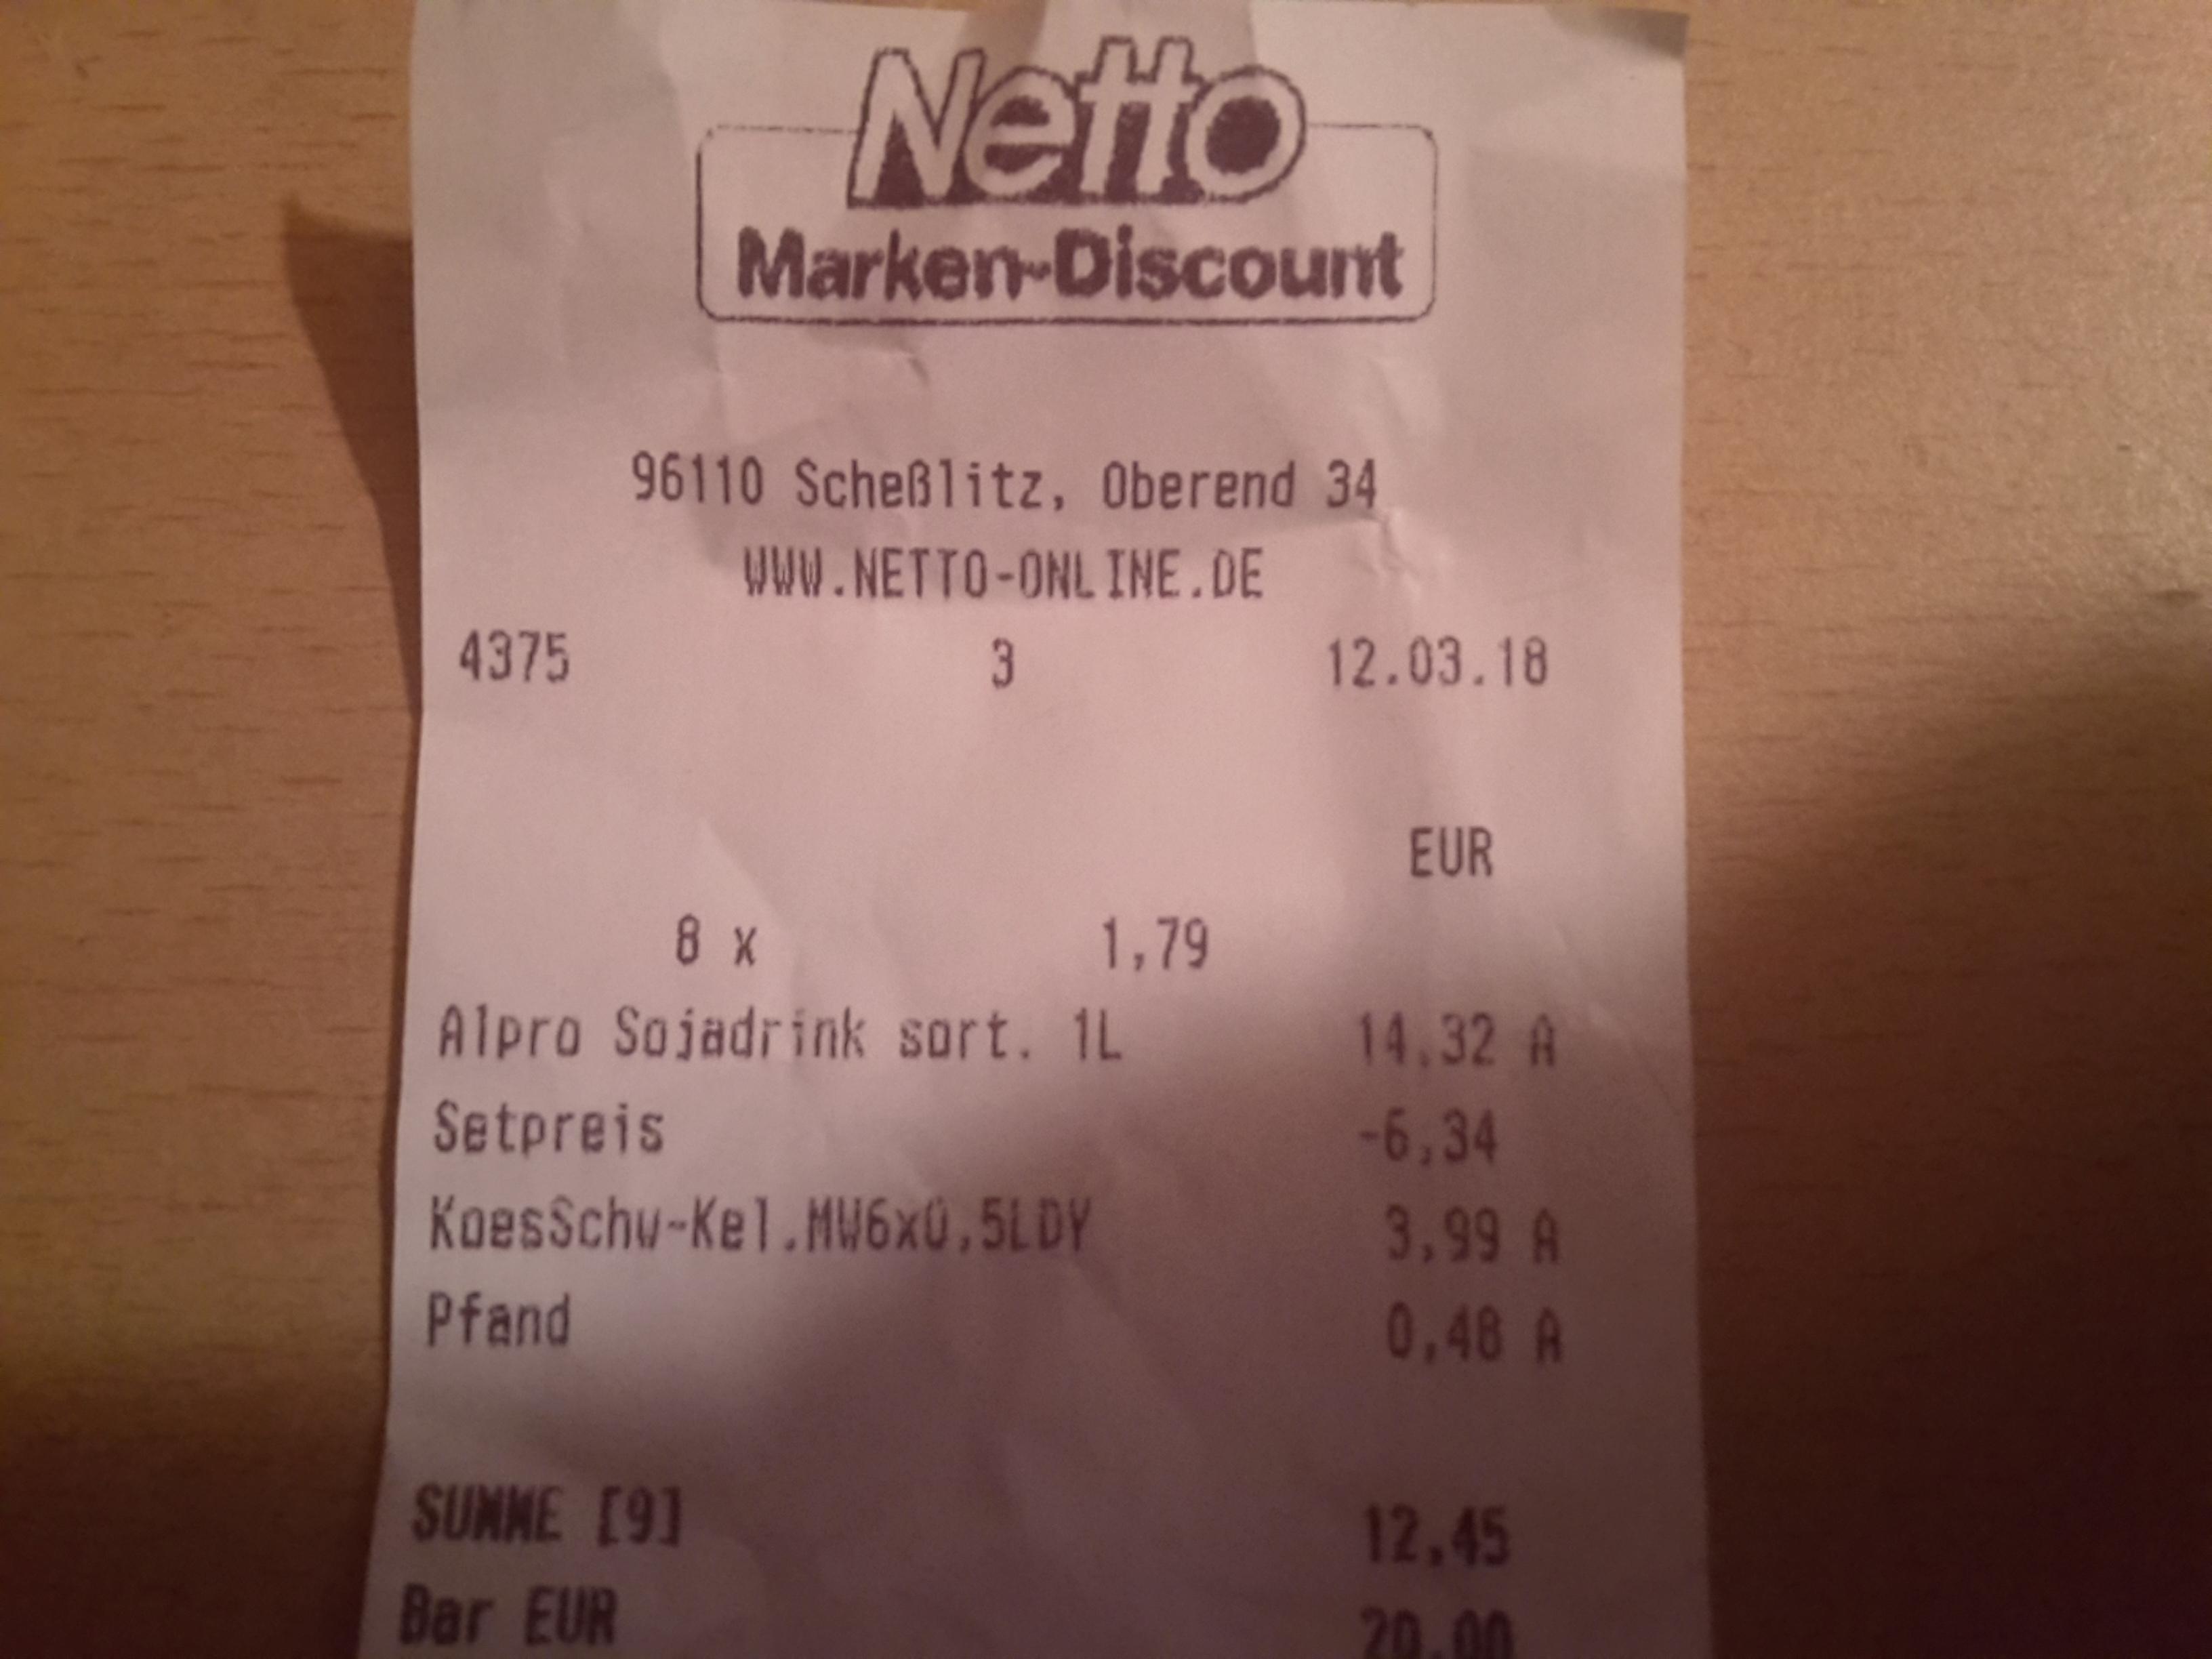 Netto (Lokal Schesslitz?) Alpro Sojadrink 1L für 1 €